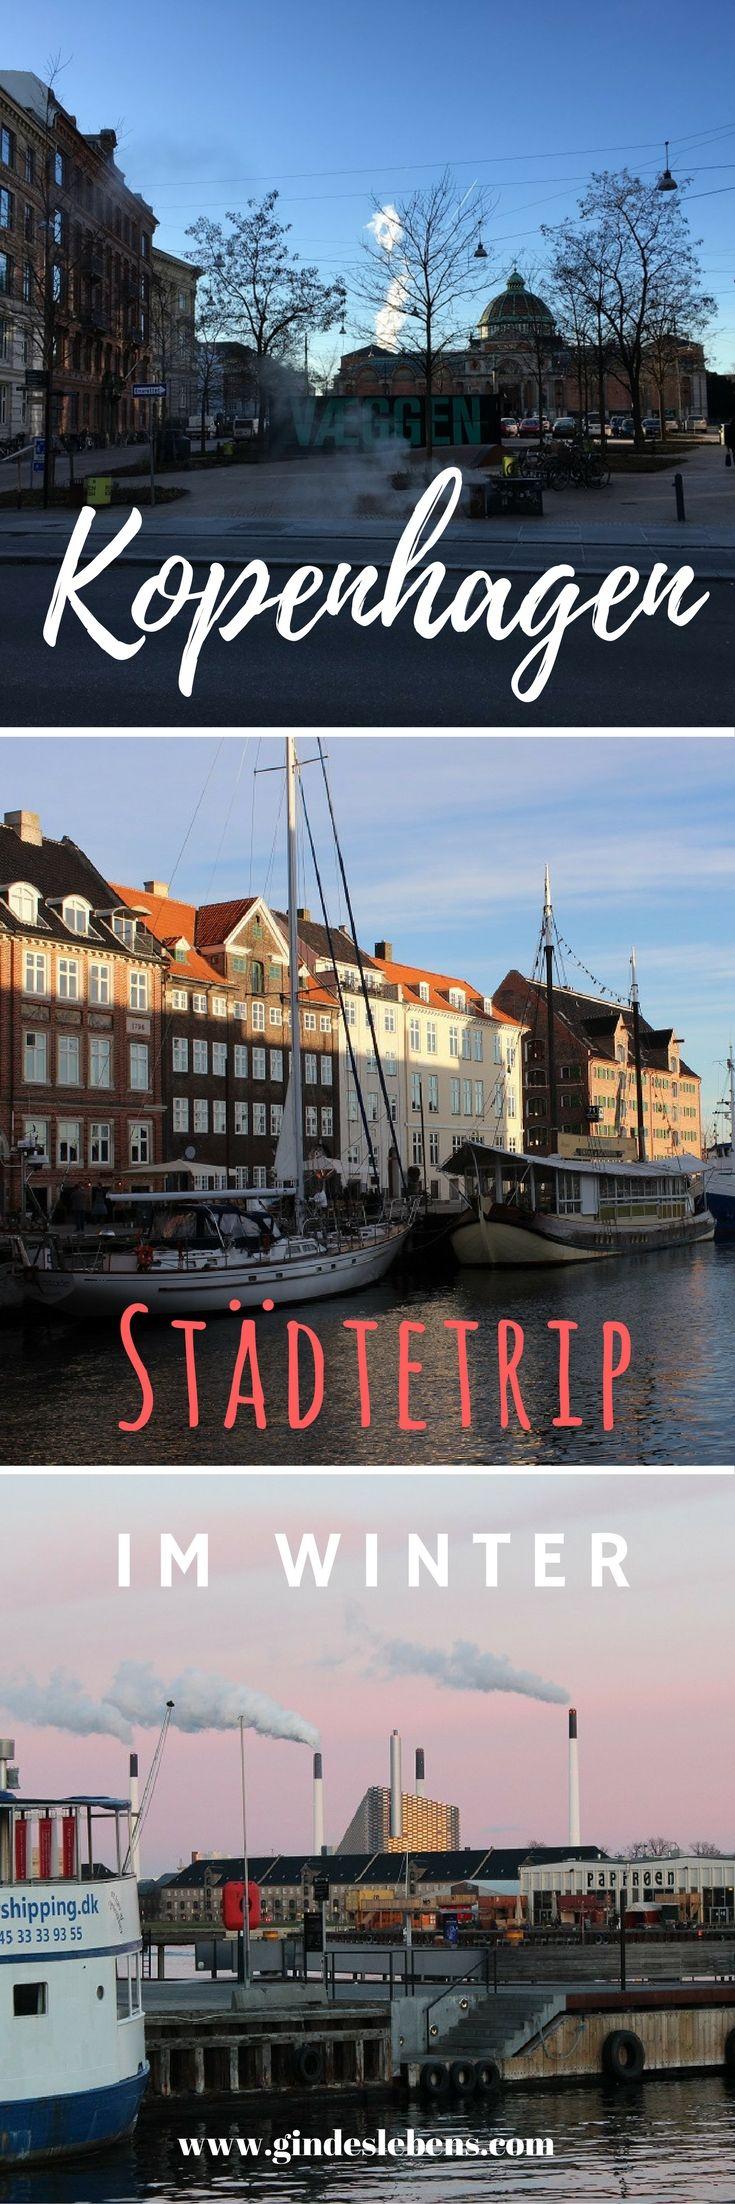 Kopenhagen Städtetrip im Winter Kopenhagen ist eine ziemlich coole Stadt. Wir waren im Winter dort. Keine Touristenmassen aber dafür ziemlich tolle Erlebnisse. Wir waren unter anderem im Dänischen Nationalmuseum, beim Schloss Christiansborg, in Nyhavn und in der Bar La Halle. #Kopenhagen #Dänemark #Nyhavn #Städtetrip